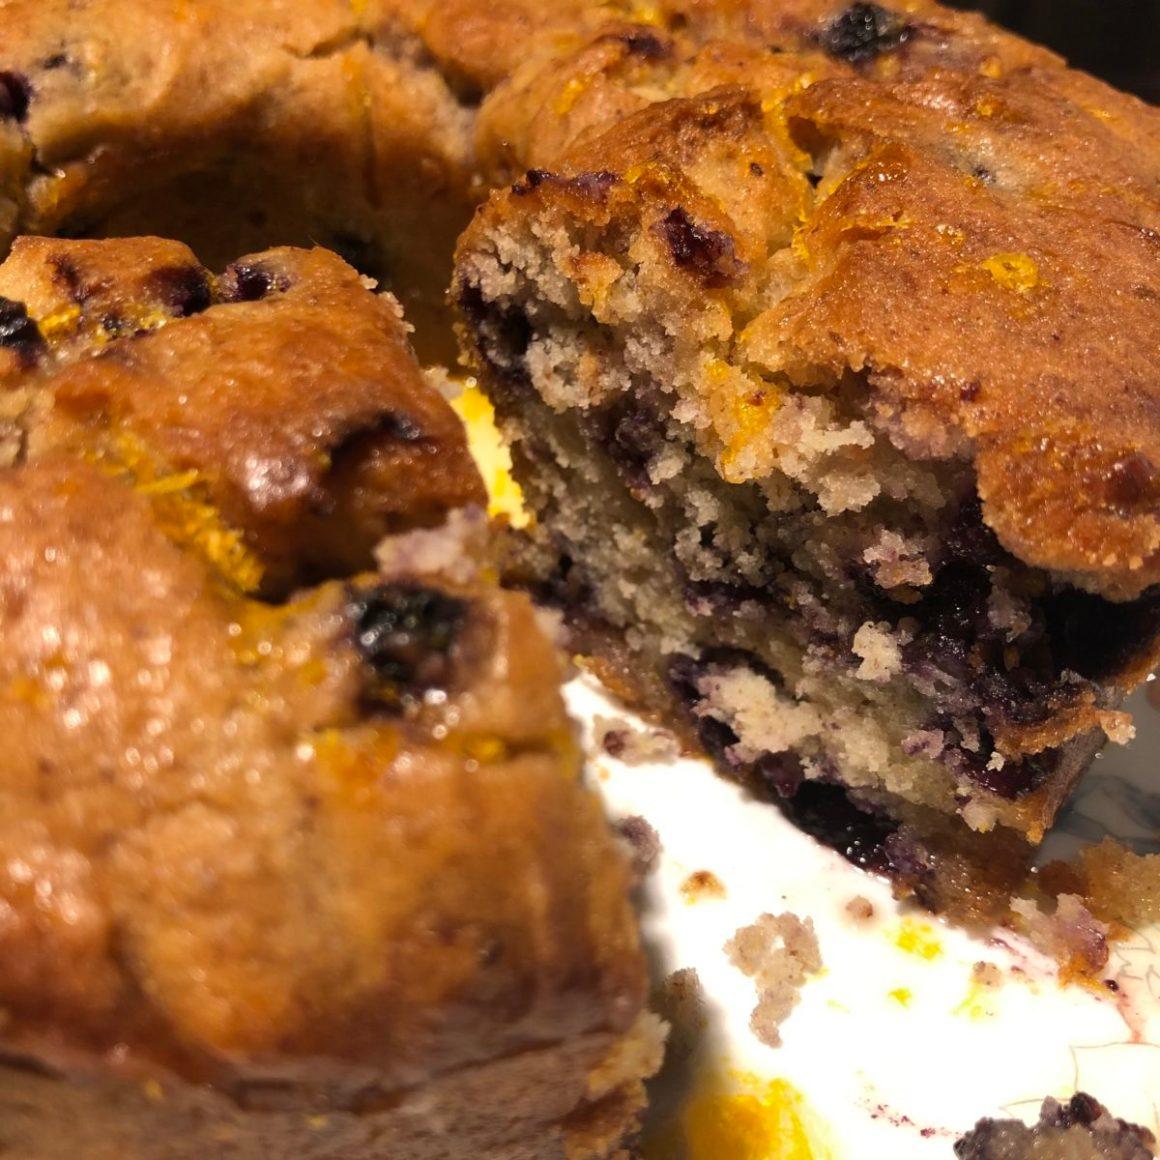 Gâteau aux myrtilles et sirop d'orange